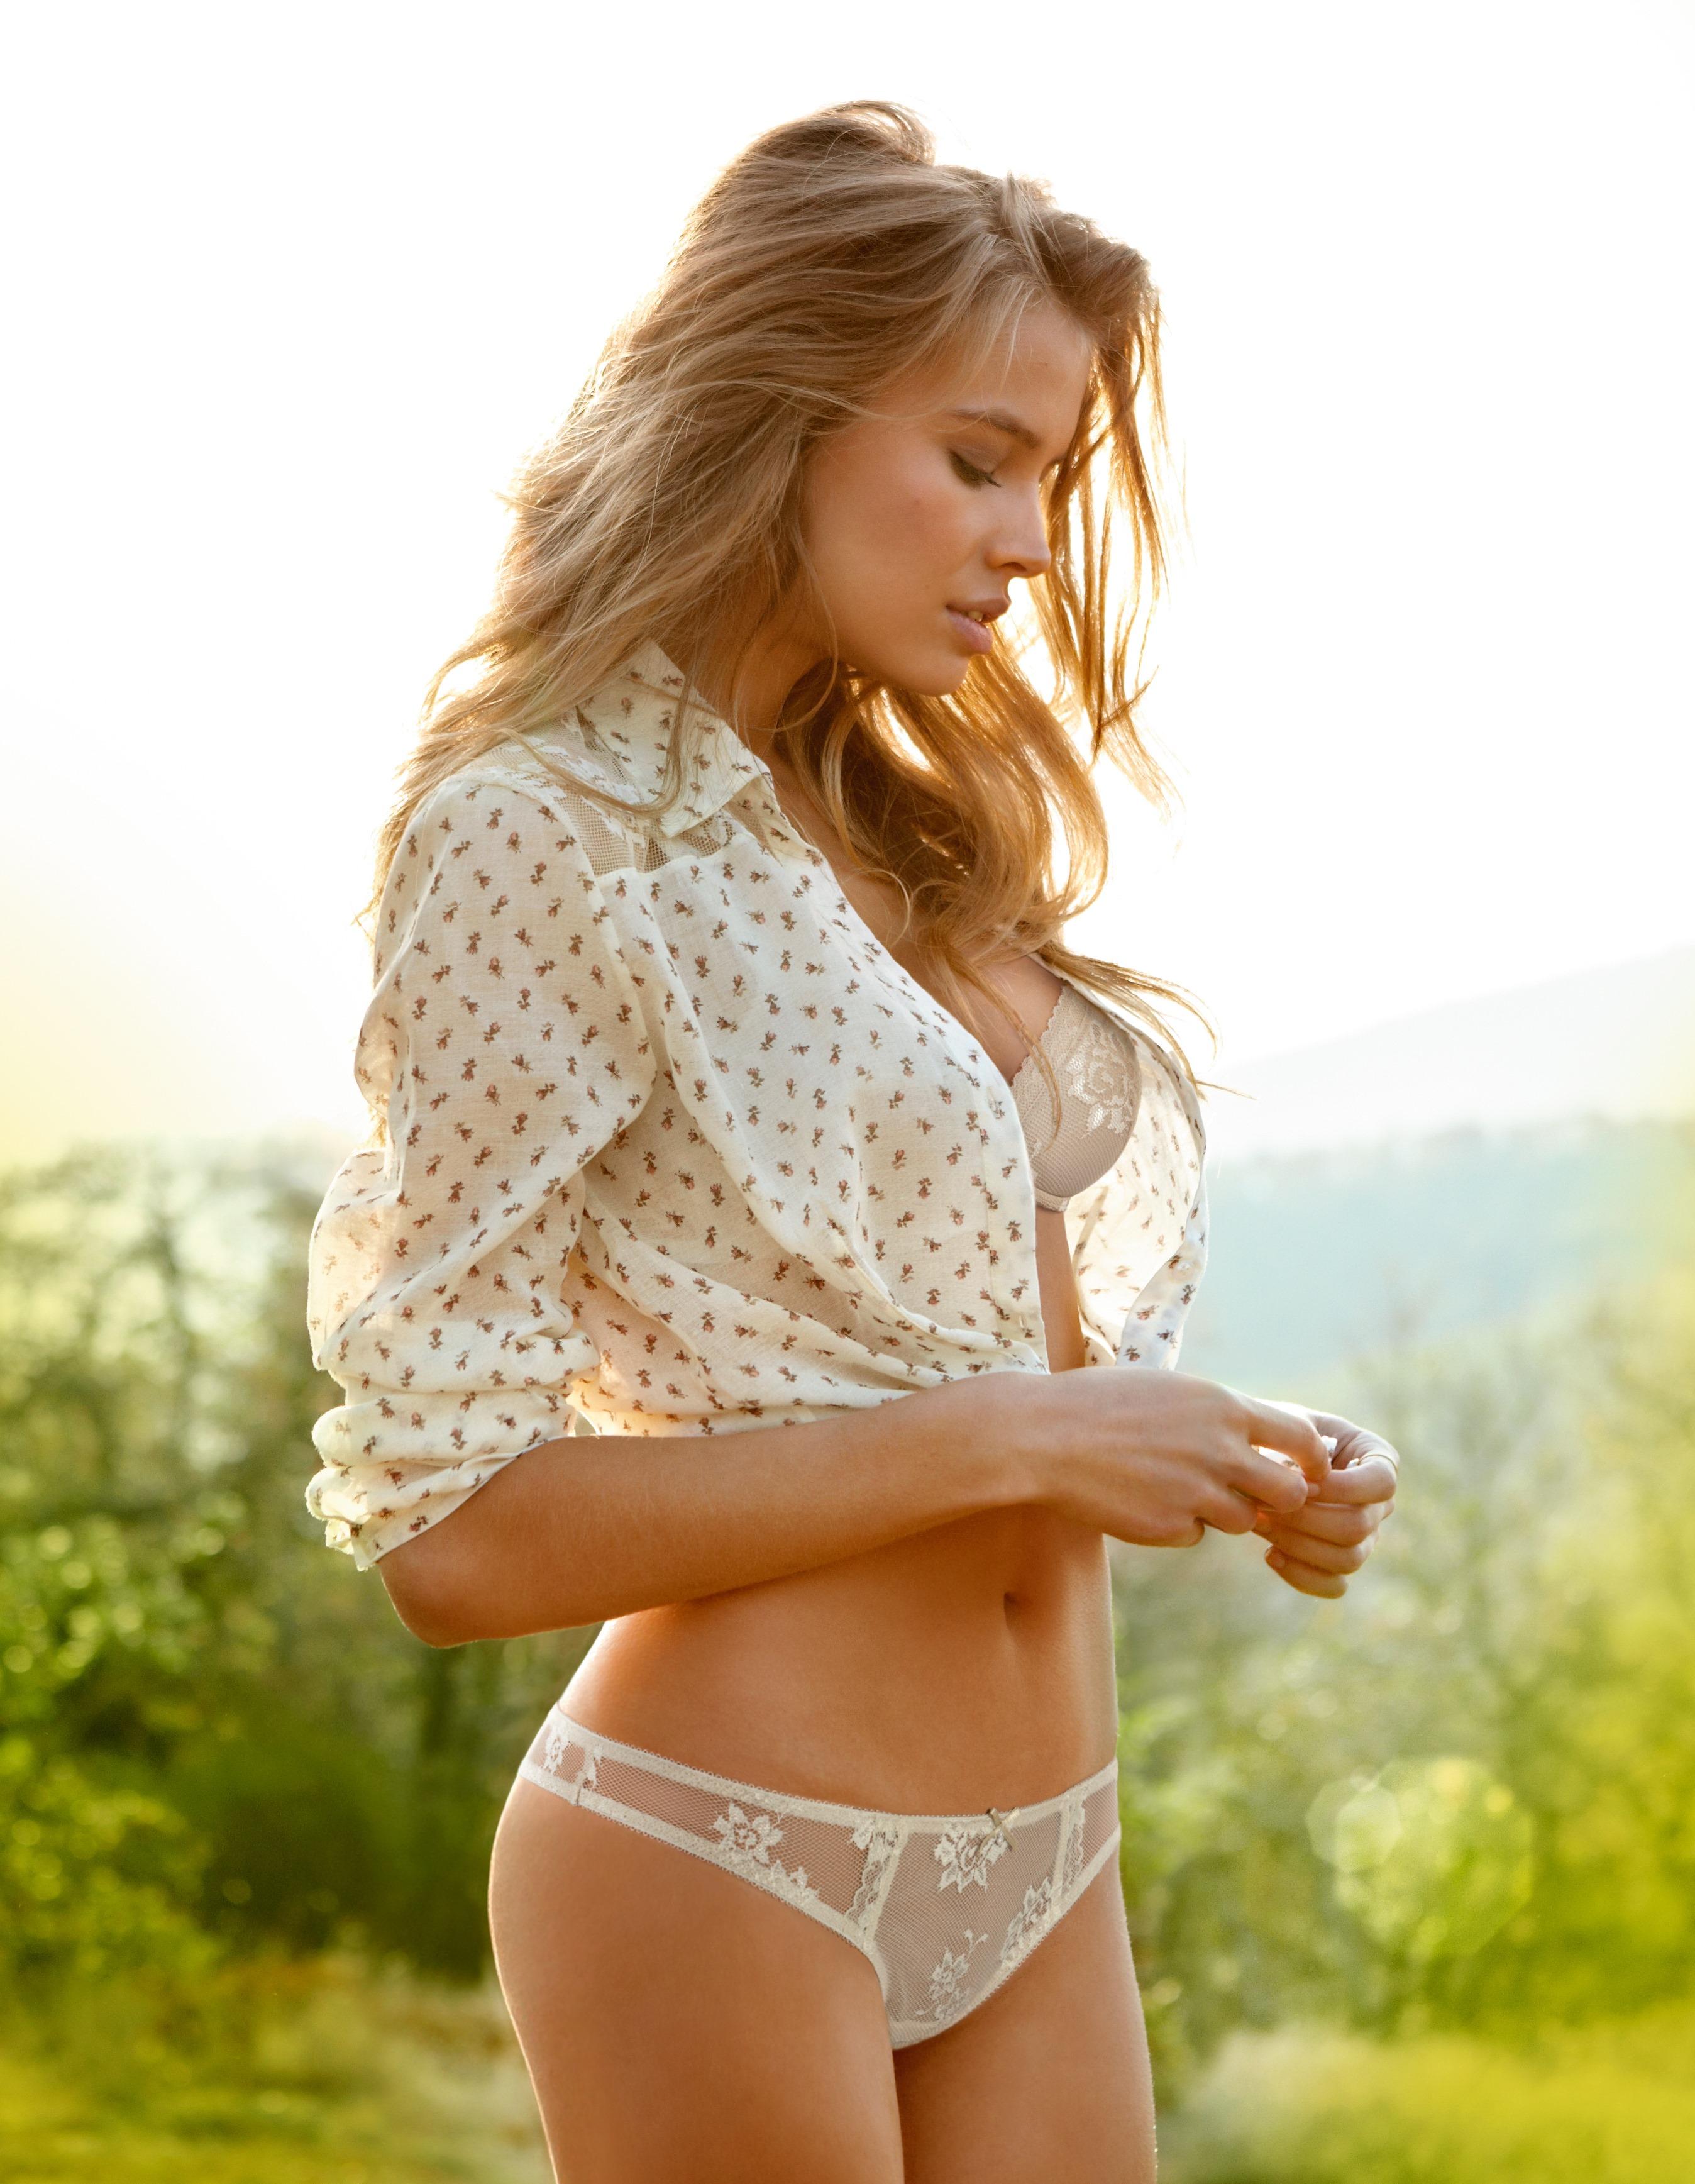 Секс с чувственной русской девочкой 6 фотография